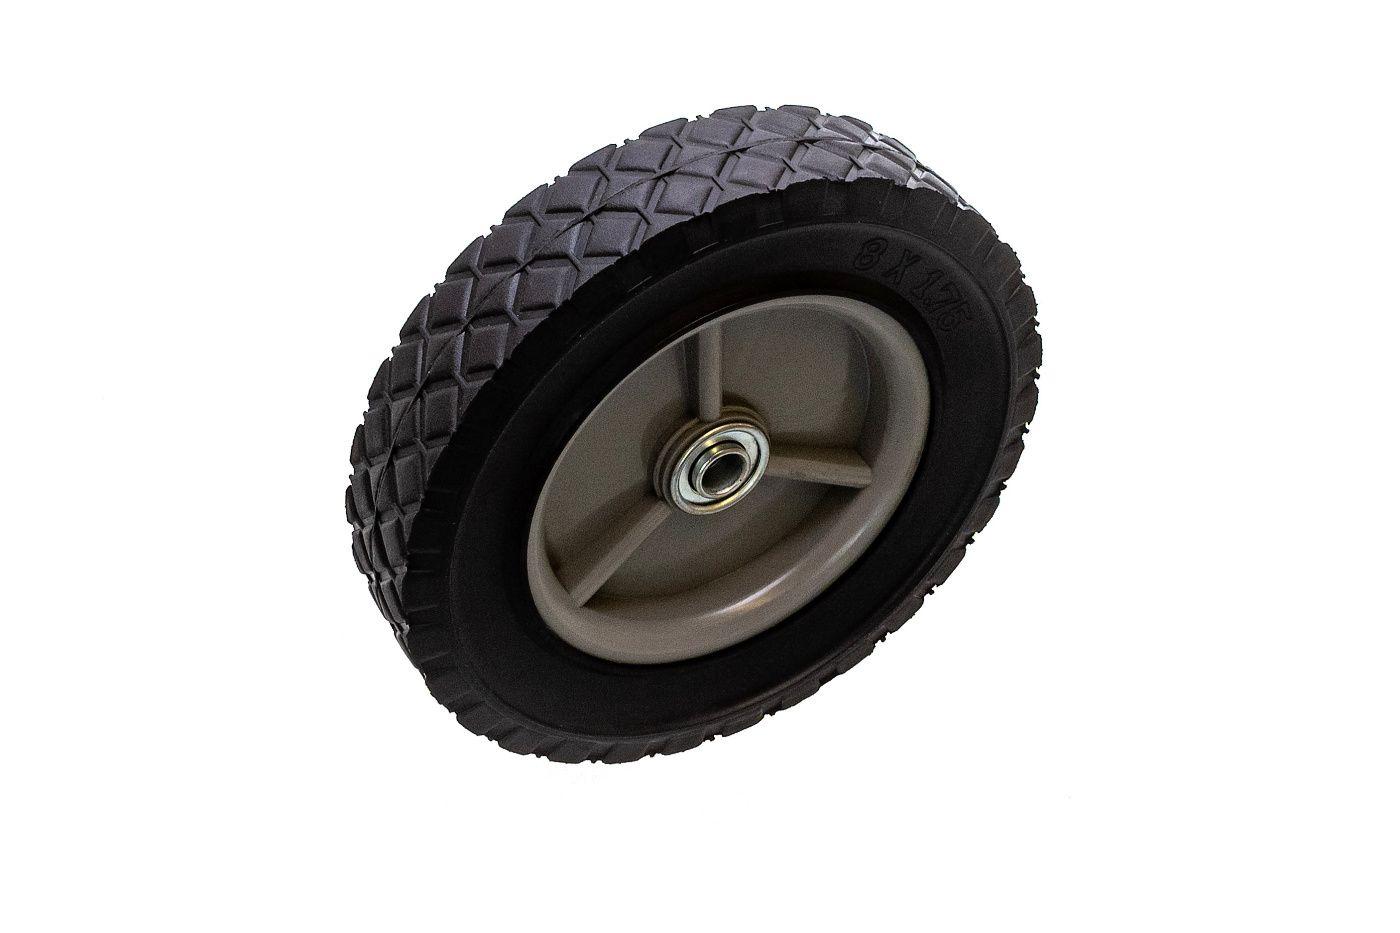 Univerzálne koleso 200mm - plastové + ložisko, gumená pneumatika